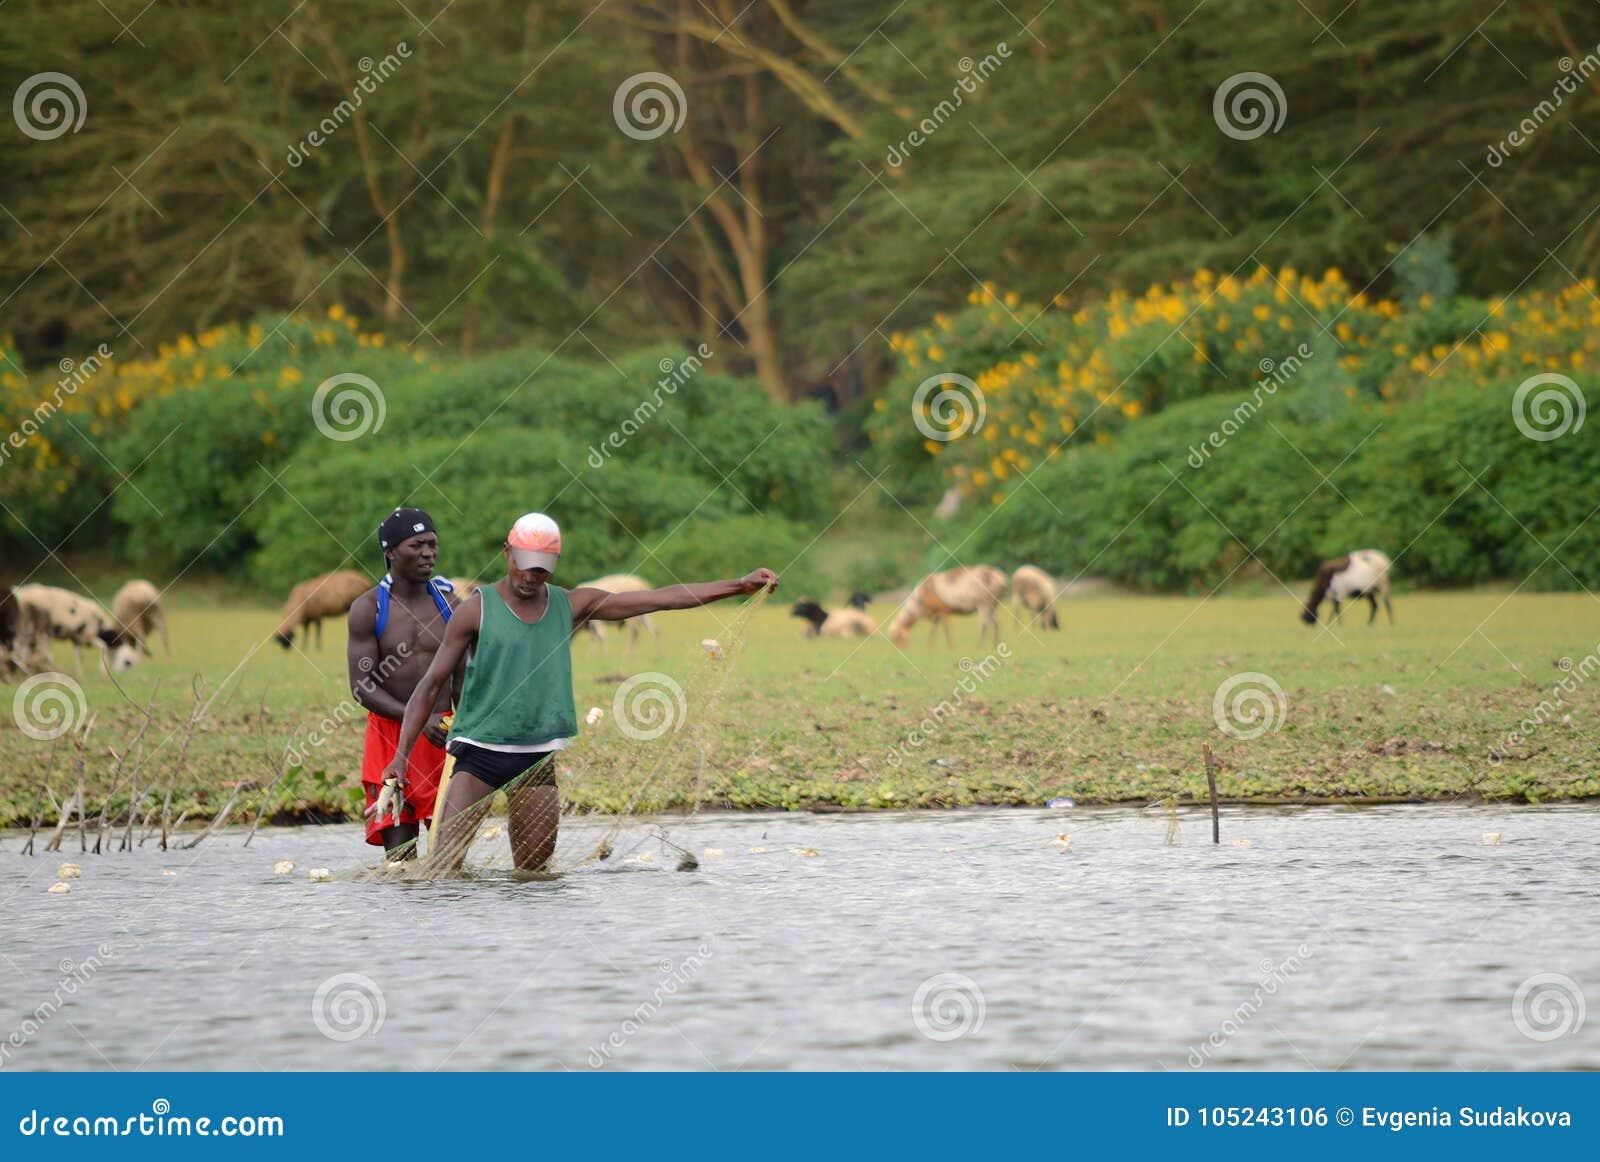 JINJA, UGANDA - OKOŁO OCT, 2017: Życie codzienne w Jinja Młodzi ludzie robią ich życie codzienne pracom przy brzeg rzeki Nil, Jin